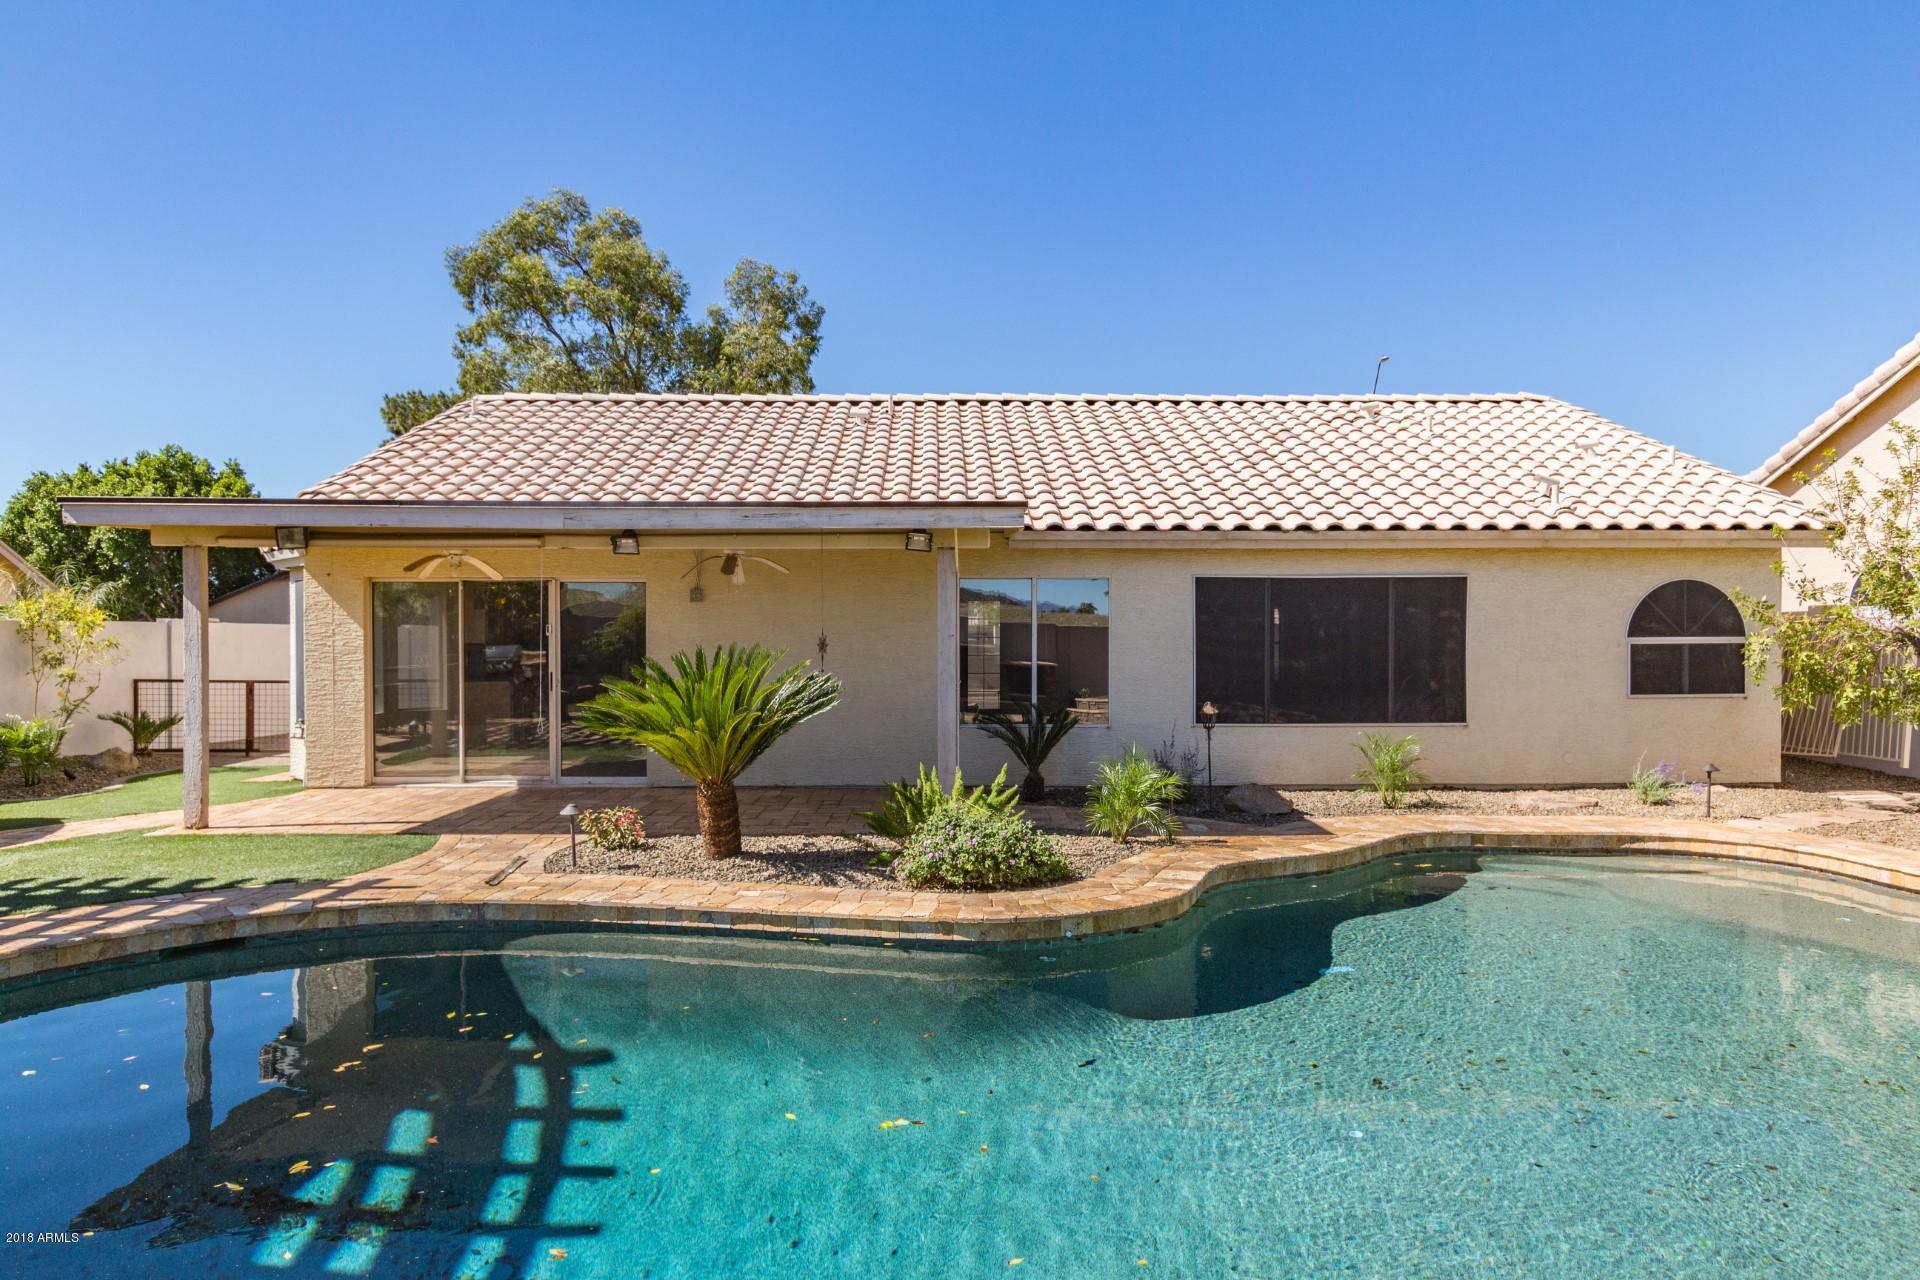 MLS 5837113 19667 N CENTRAL Avenue, Phoenix, AZ 85024 Phoenix AZ Desert Valley Estates